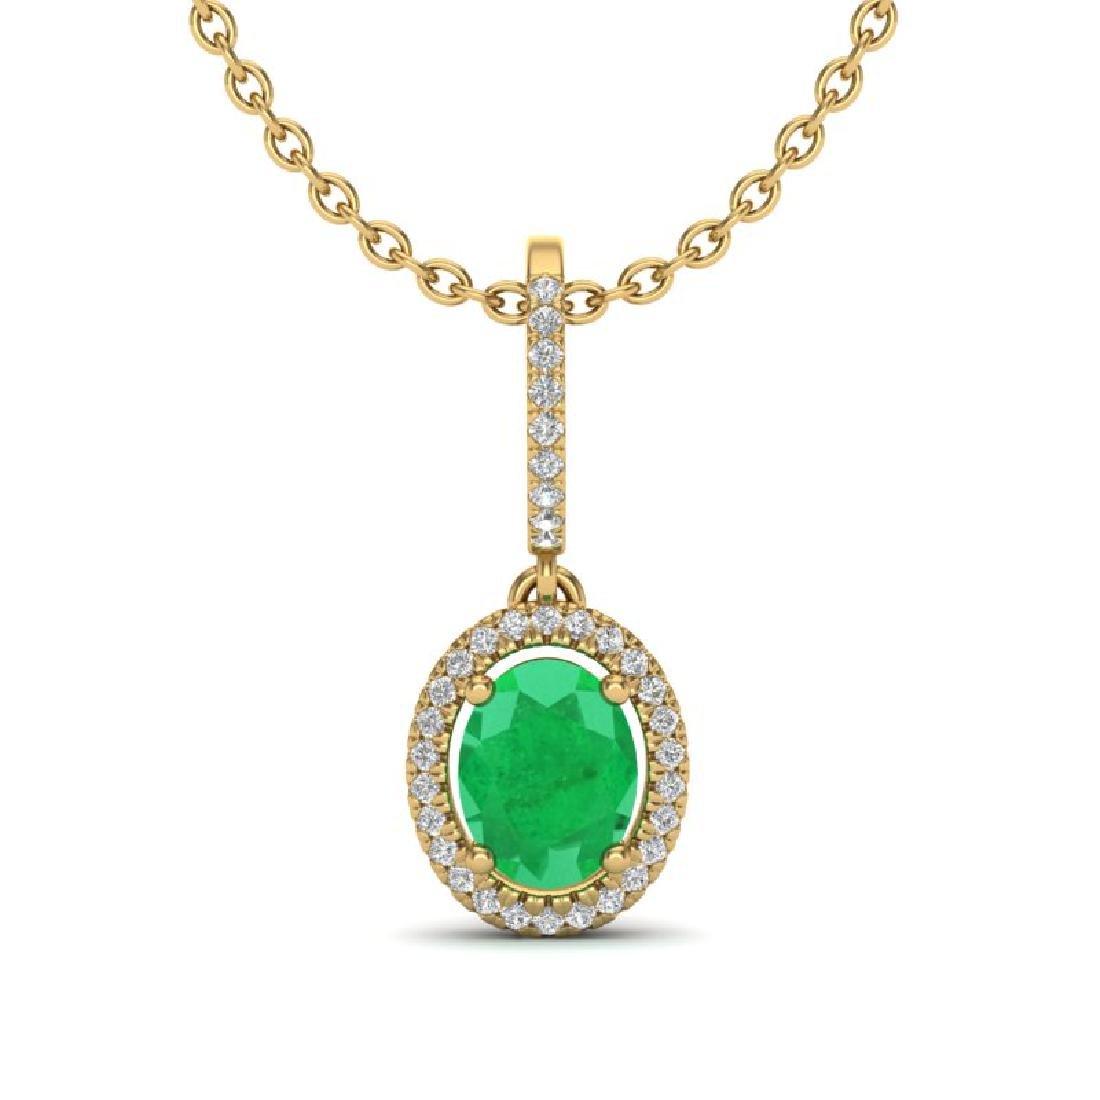 2 CTW Emerald & Micro Pave VS/SI Diamond Necklace